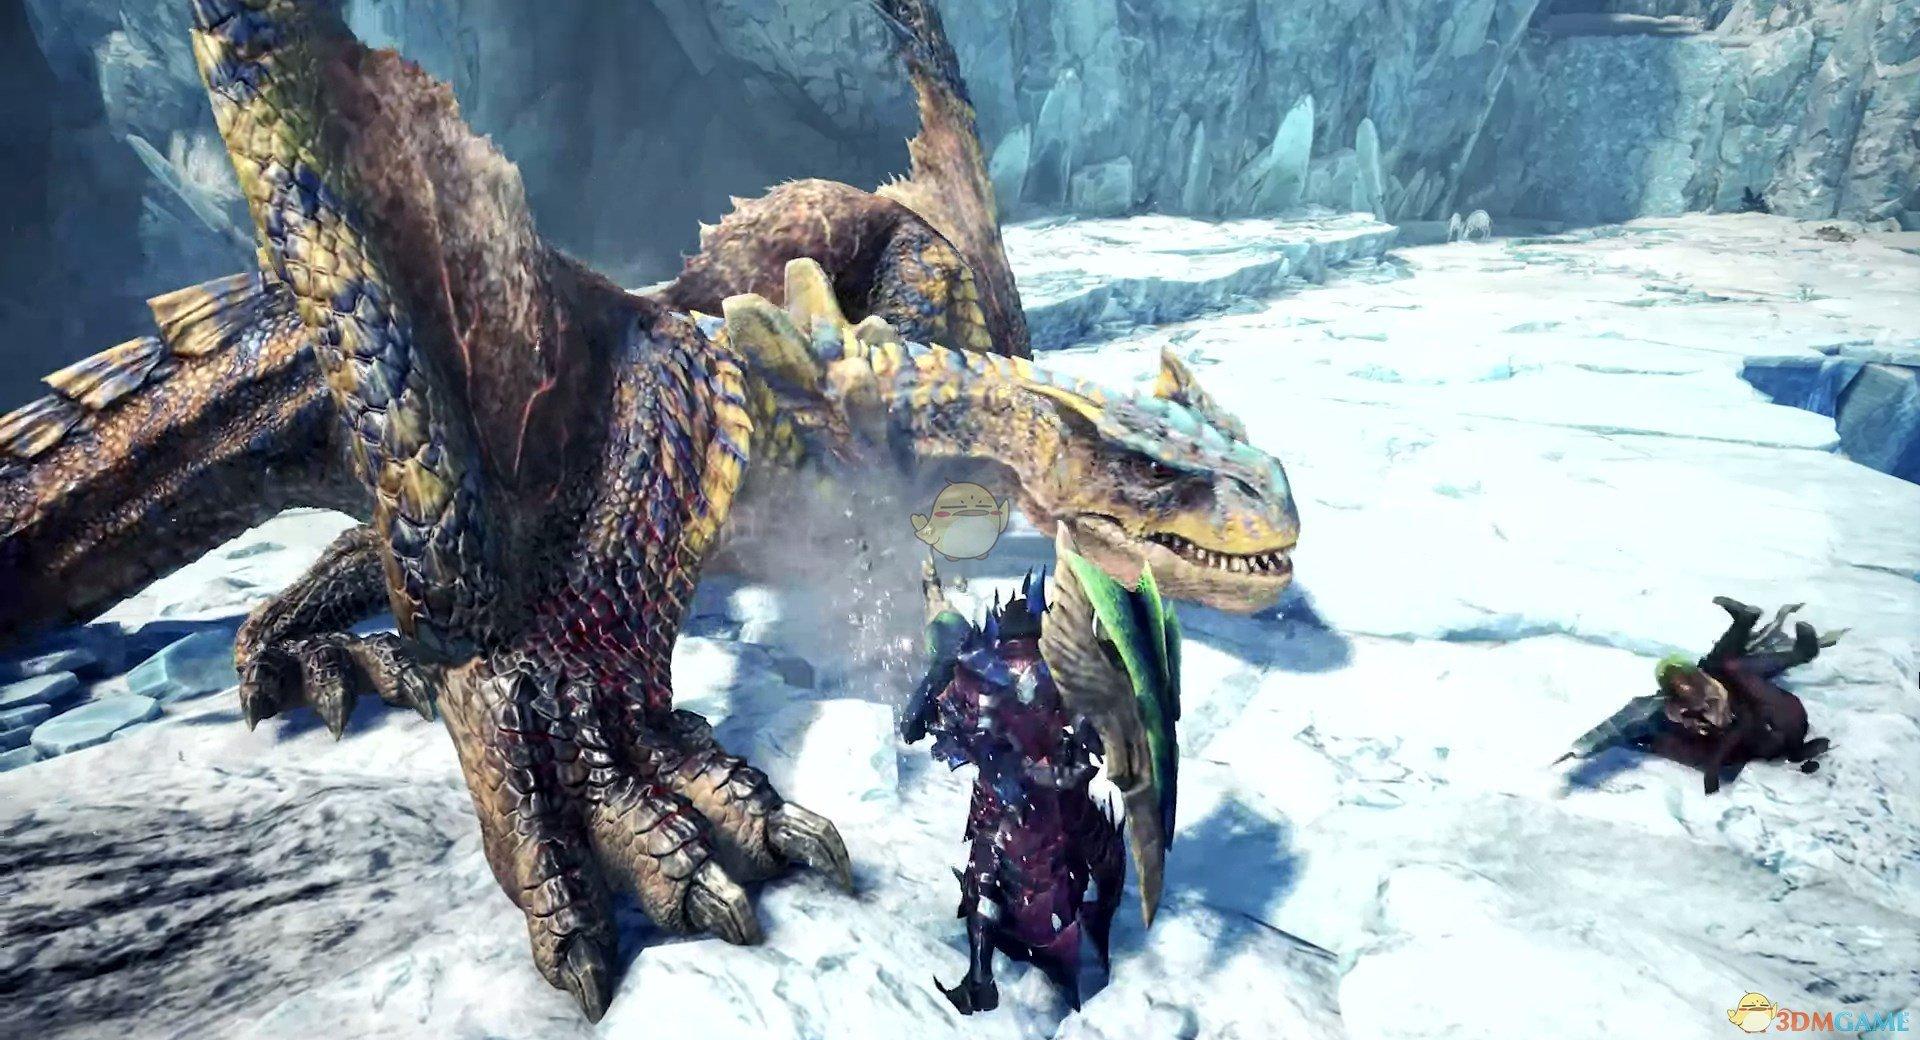 《怪物猎人:世界》冰原DLC狩猎笛响音攻击发动方法分享